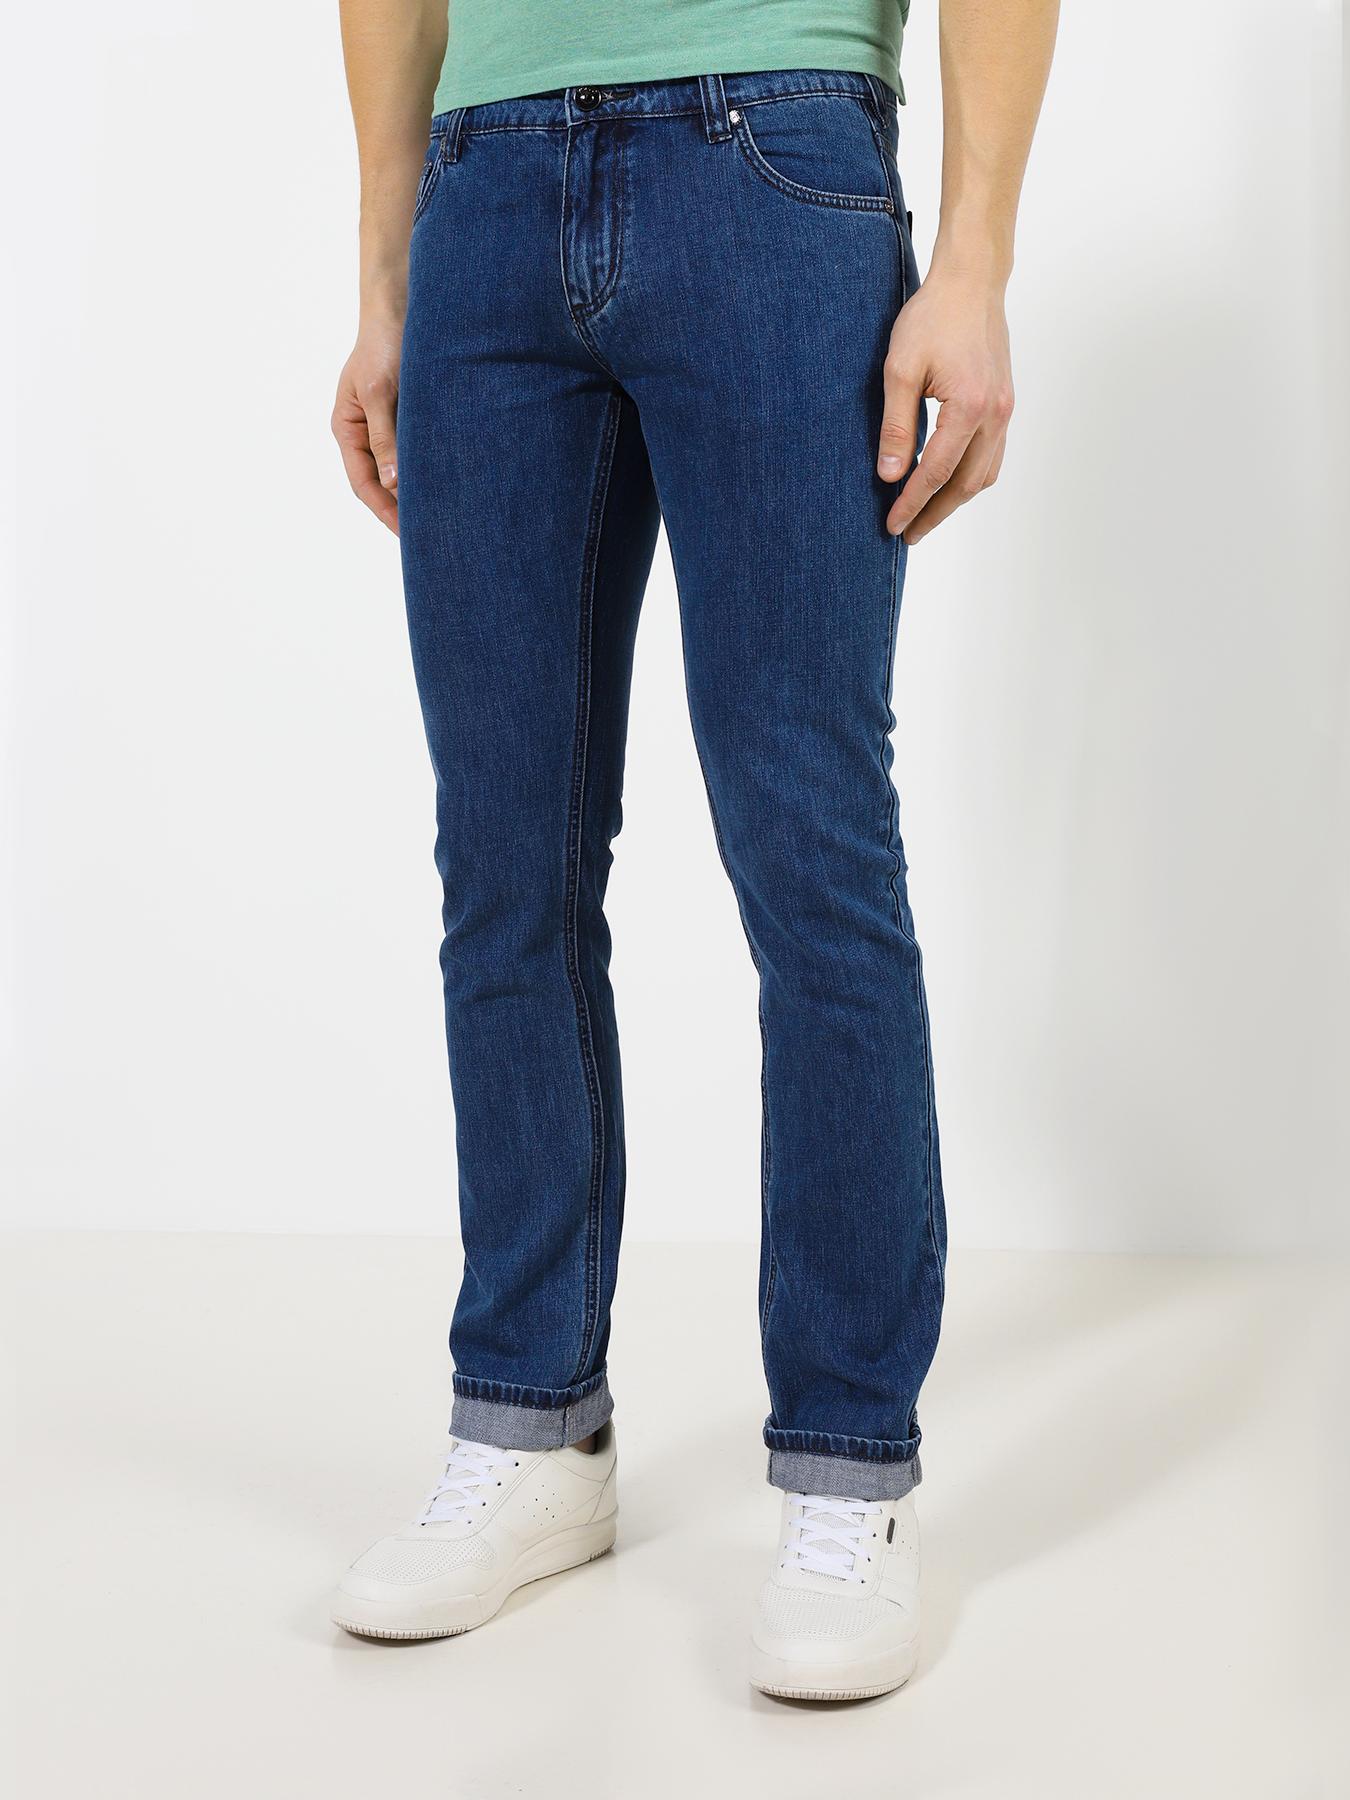 Джинсы Korpo Джинсы джинсы levi s джинсы